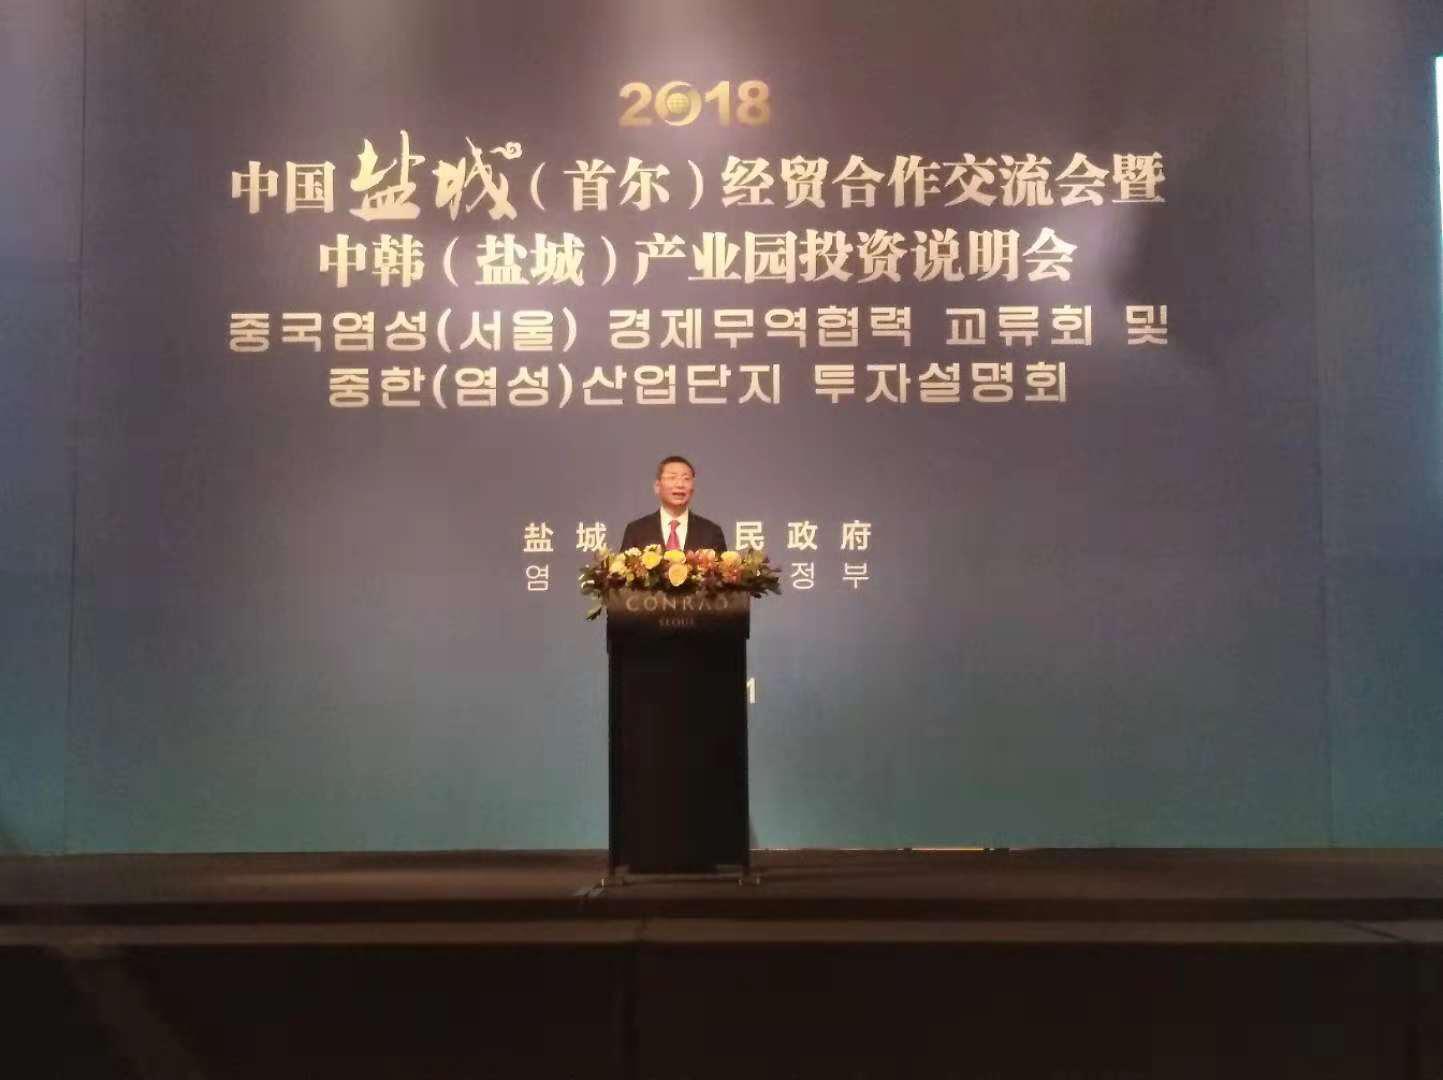 盐城书记戴源:申办中韩贸易博览会 打造盐城中韩合作发展新标杆